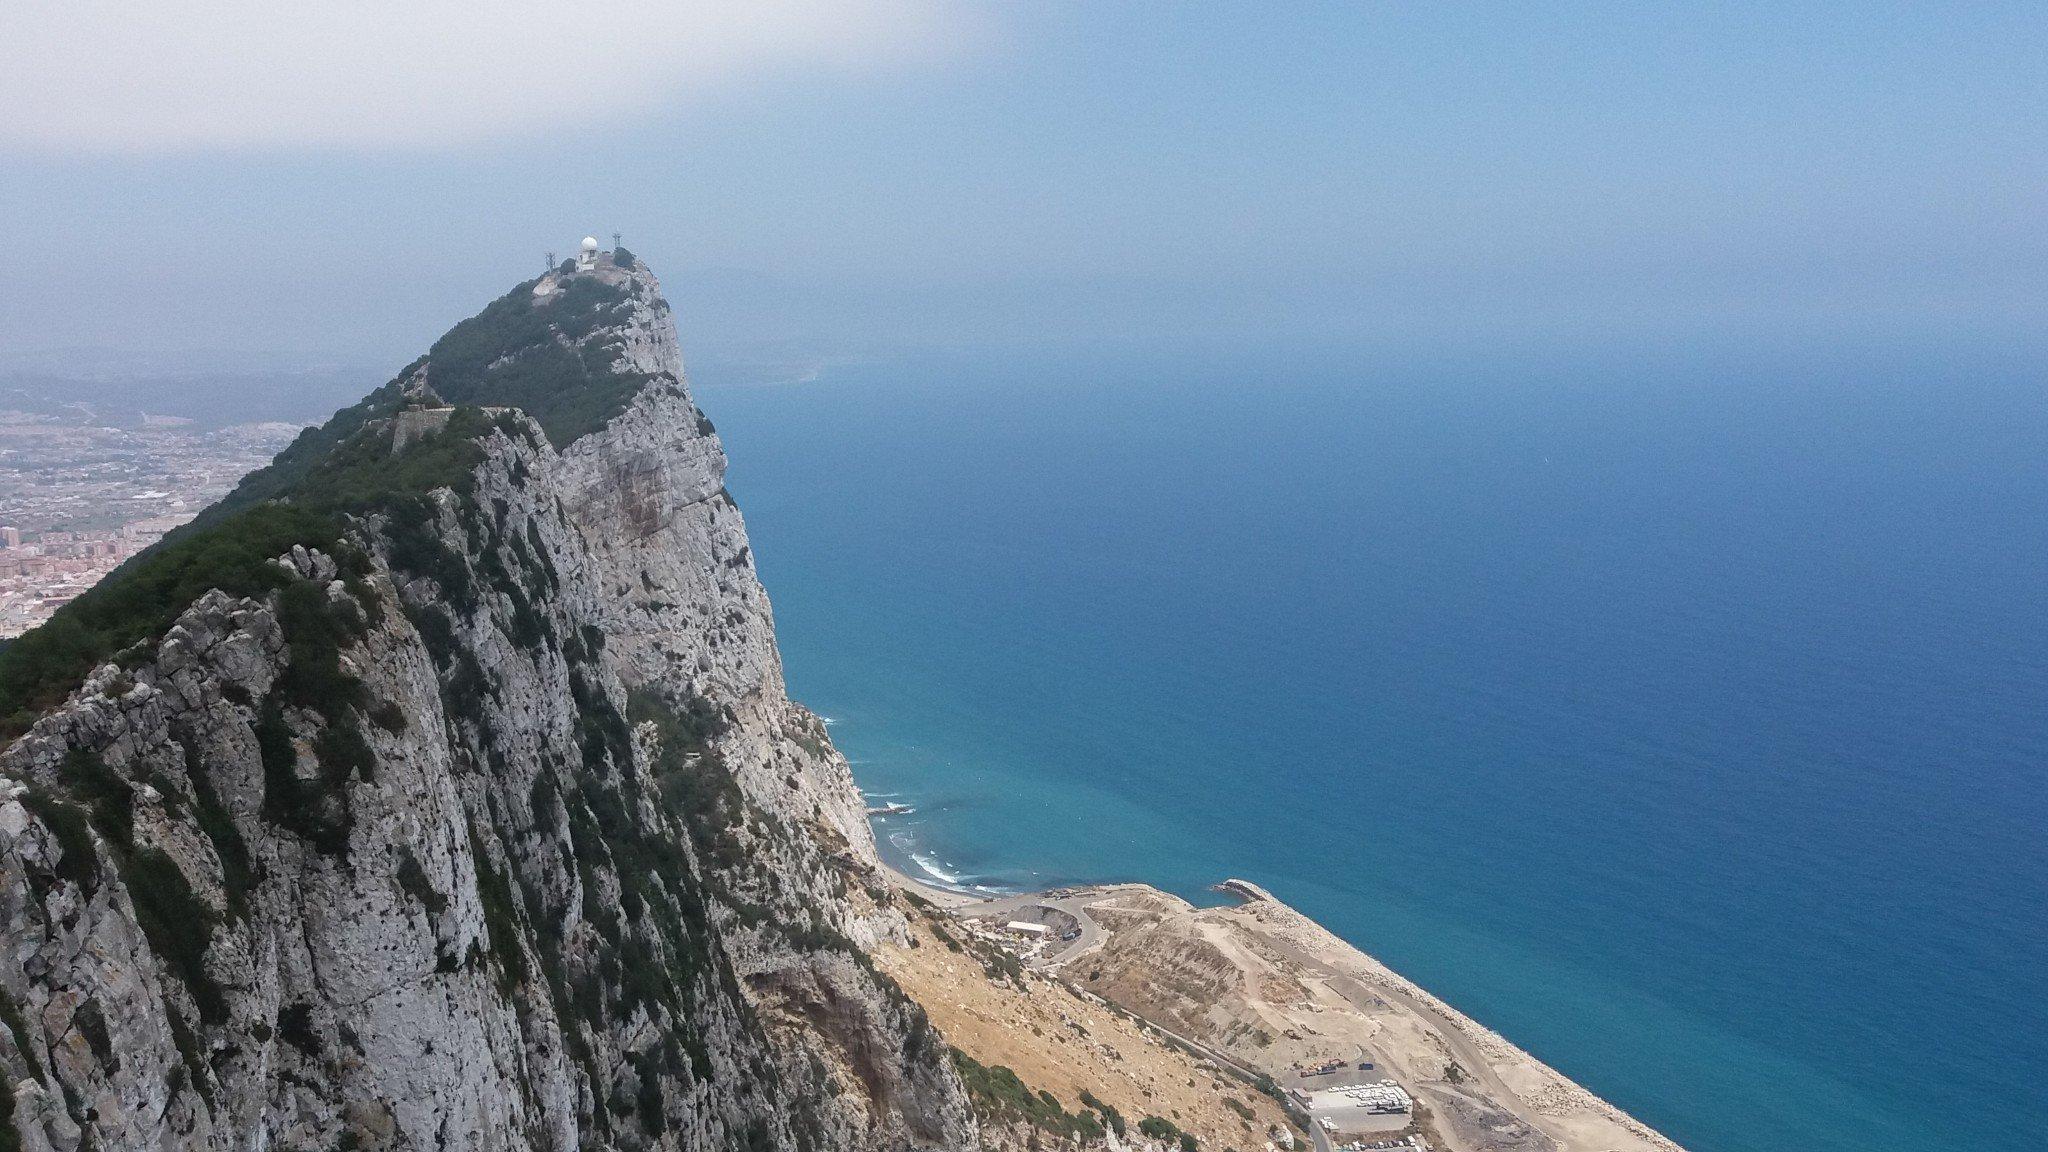 Gibraltar the Rock 2